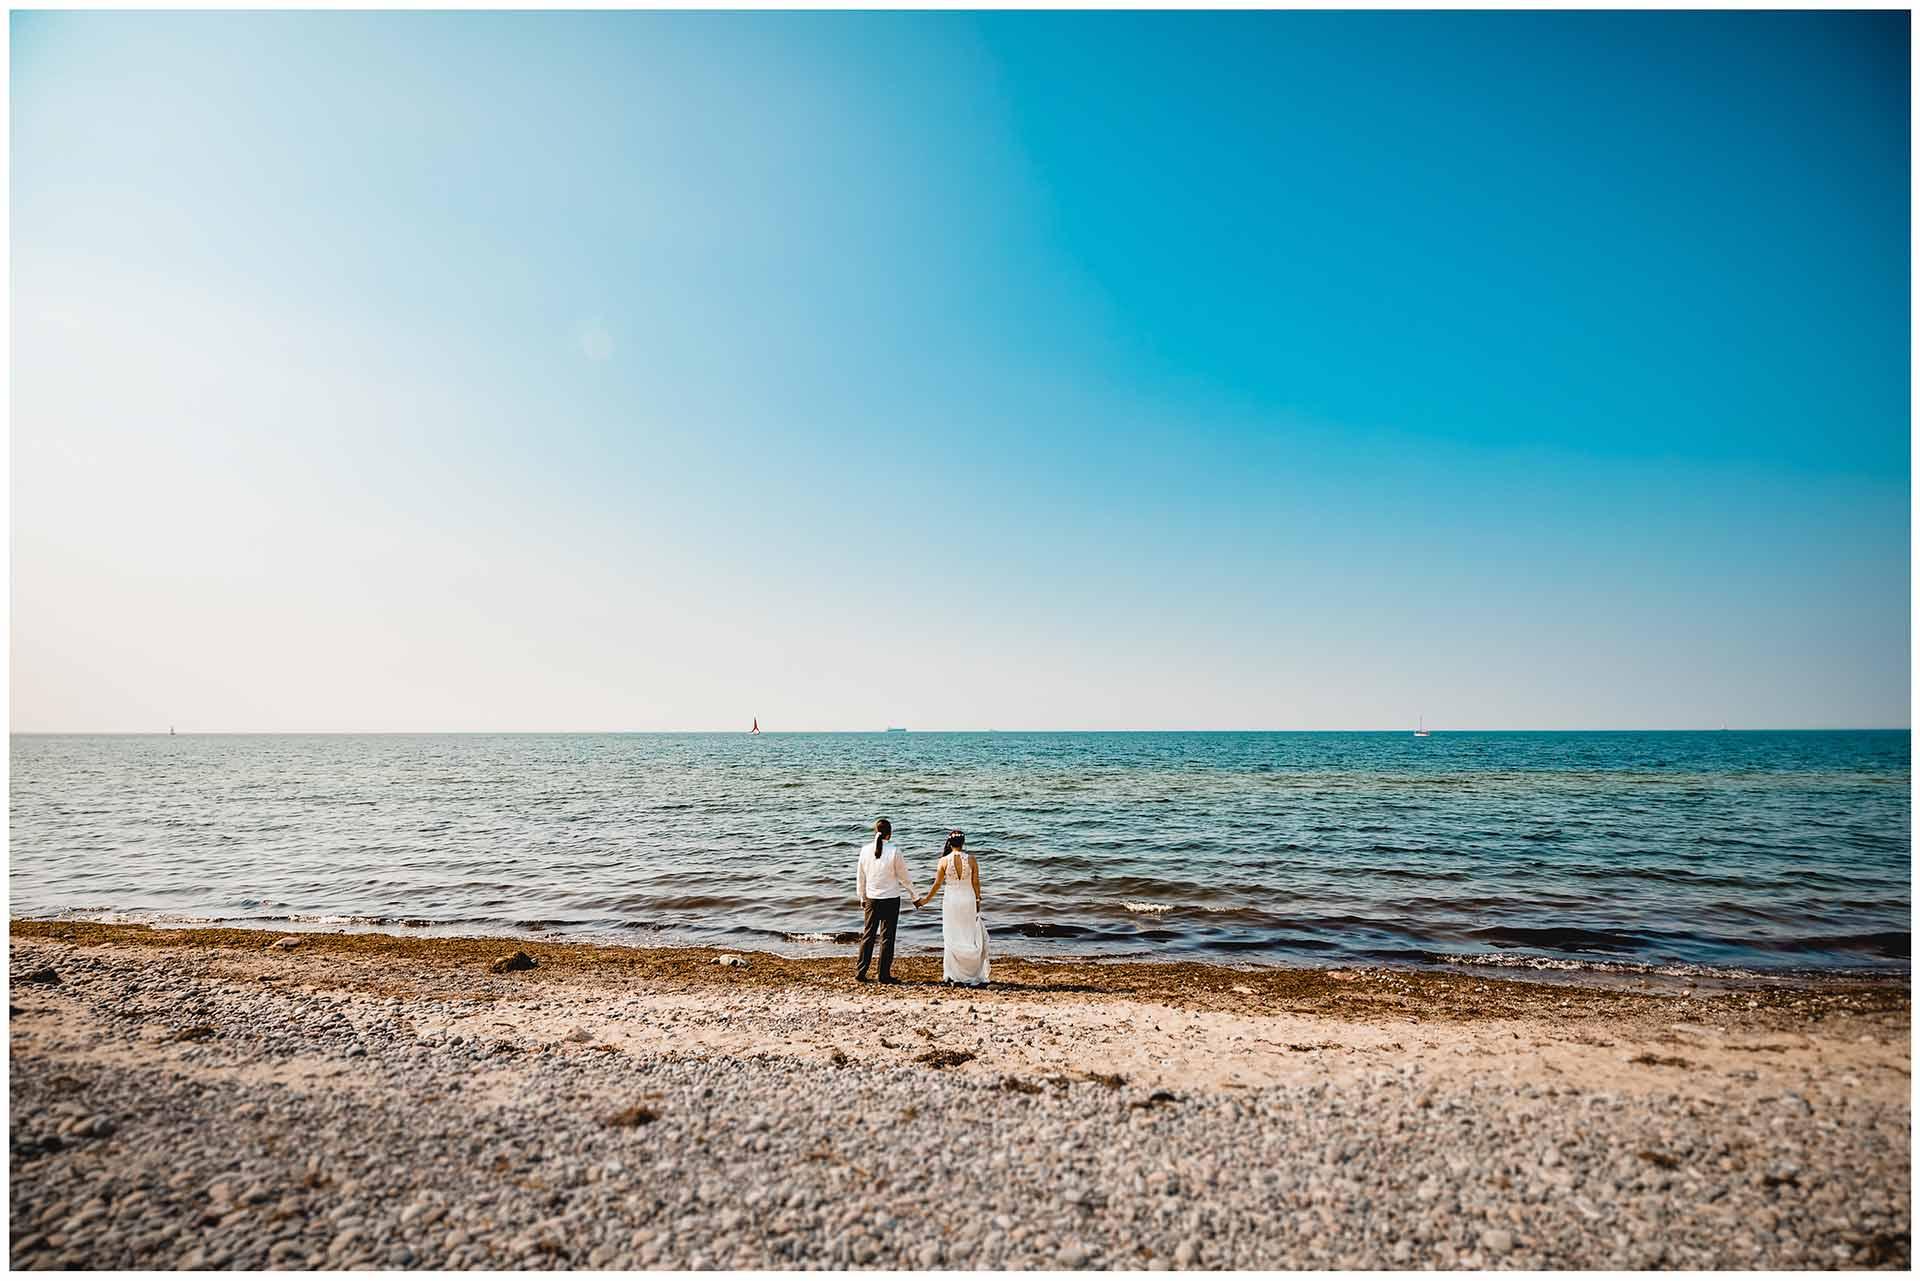 Brautpaar-steht-Hand-in-Hand-direkt-an-der-Ostsee-und-schaut-die-Ferne-Hochzeitsshooting-Hochzeit-am-Strand-Hochzeitsfotograf-Warnemuende-Hochzeitsfotograf-Rostock-Hochzeitsfotograf-Ostseebad-Warnemuende